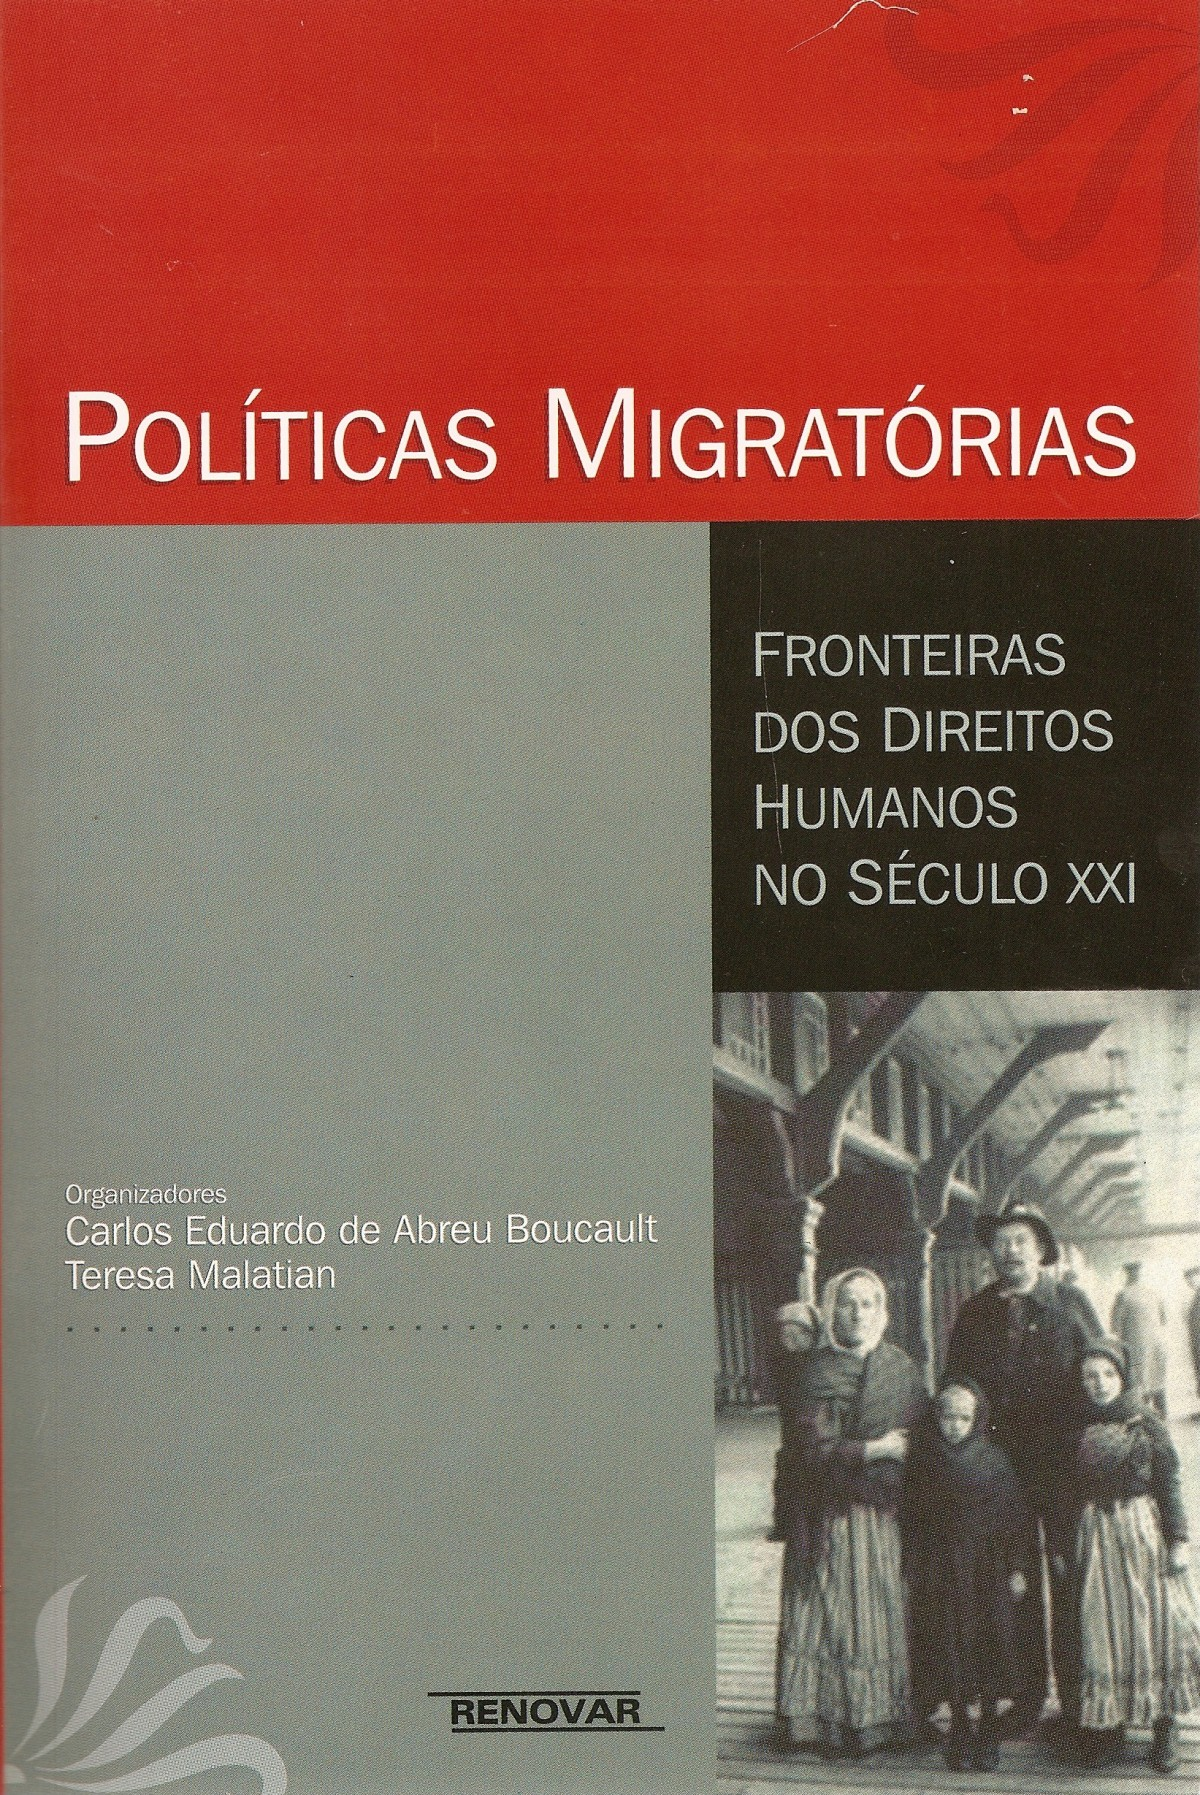 Foto 1 - Políticas Migratórias: Fronteiras dos Direitos Humanos no Século XXI